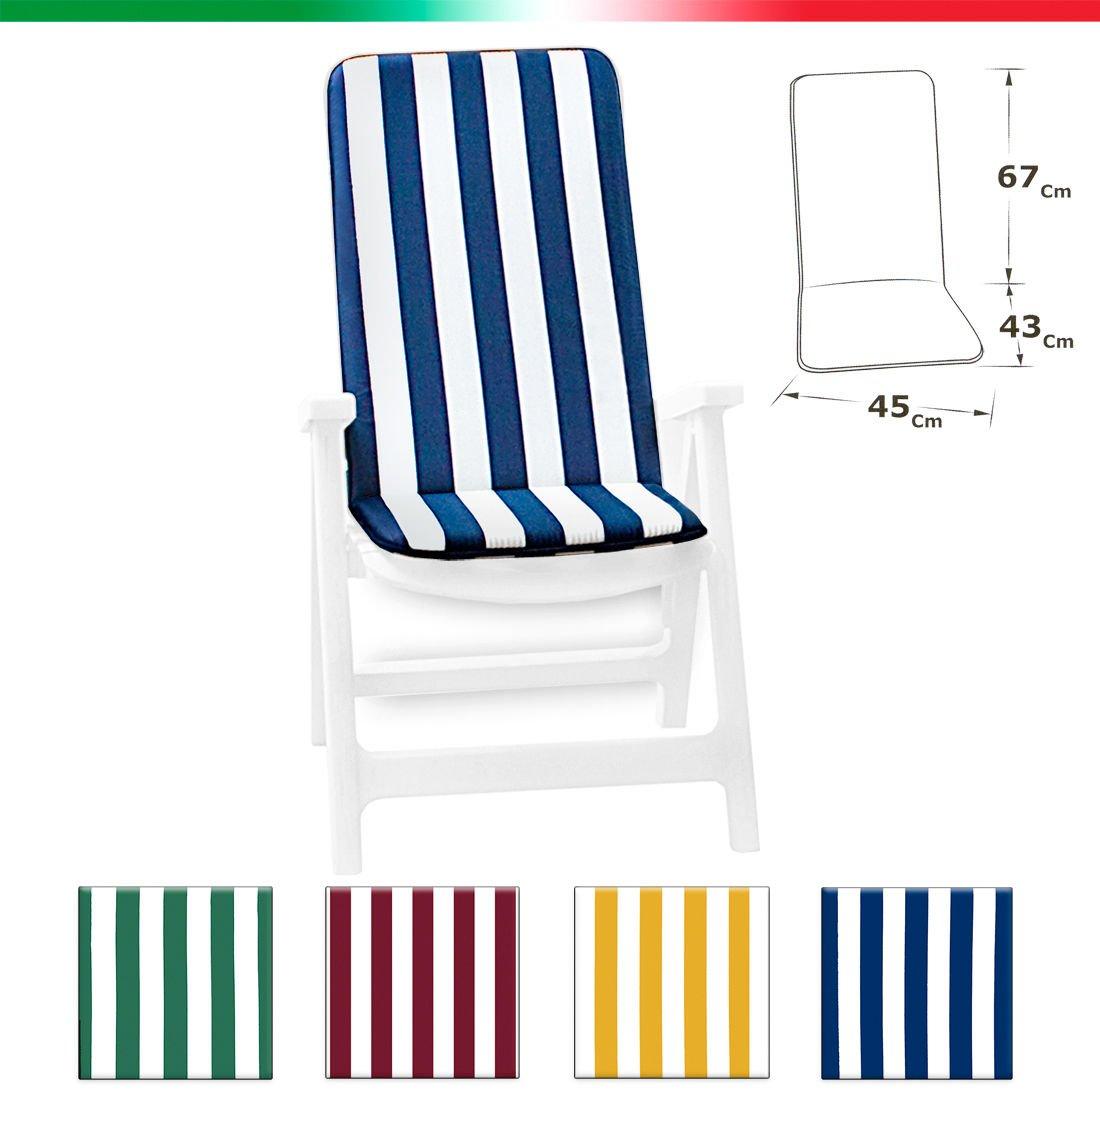 Cuscino copri sedia UNIVERSALE morbido seduta poltrona sdraio tessuto cotone per piscina mare giardino mod.IBIZA FASCIATO BLU EMMEVI